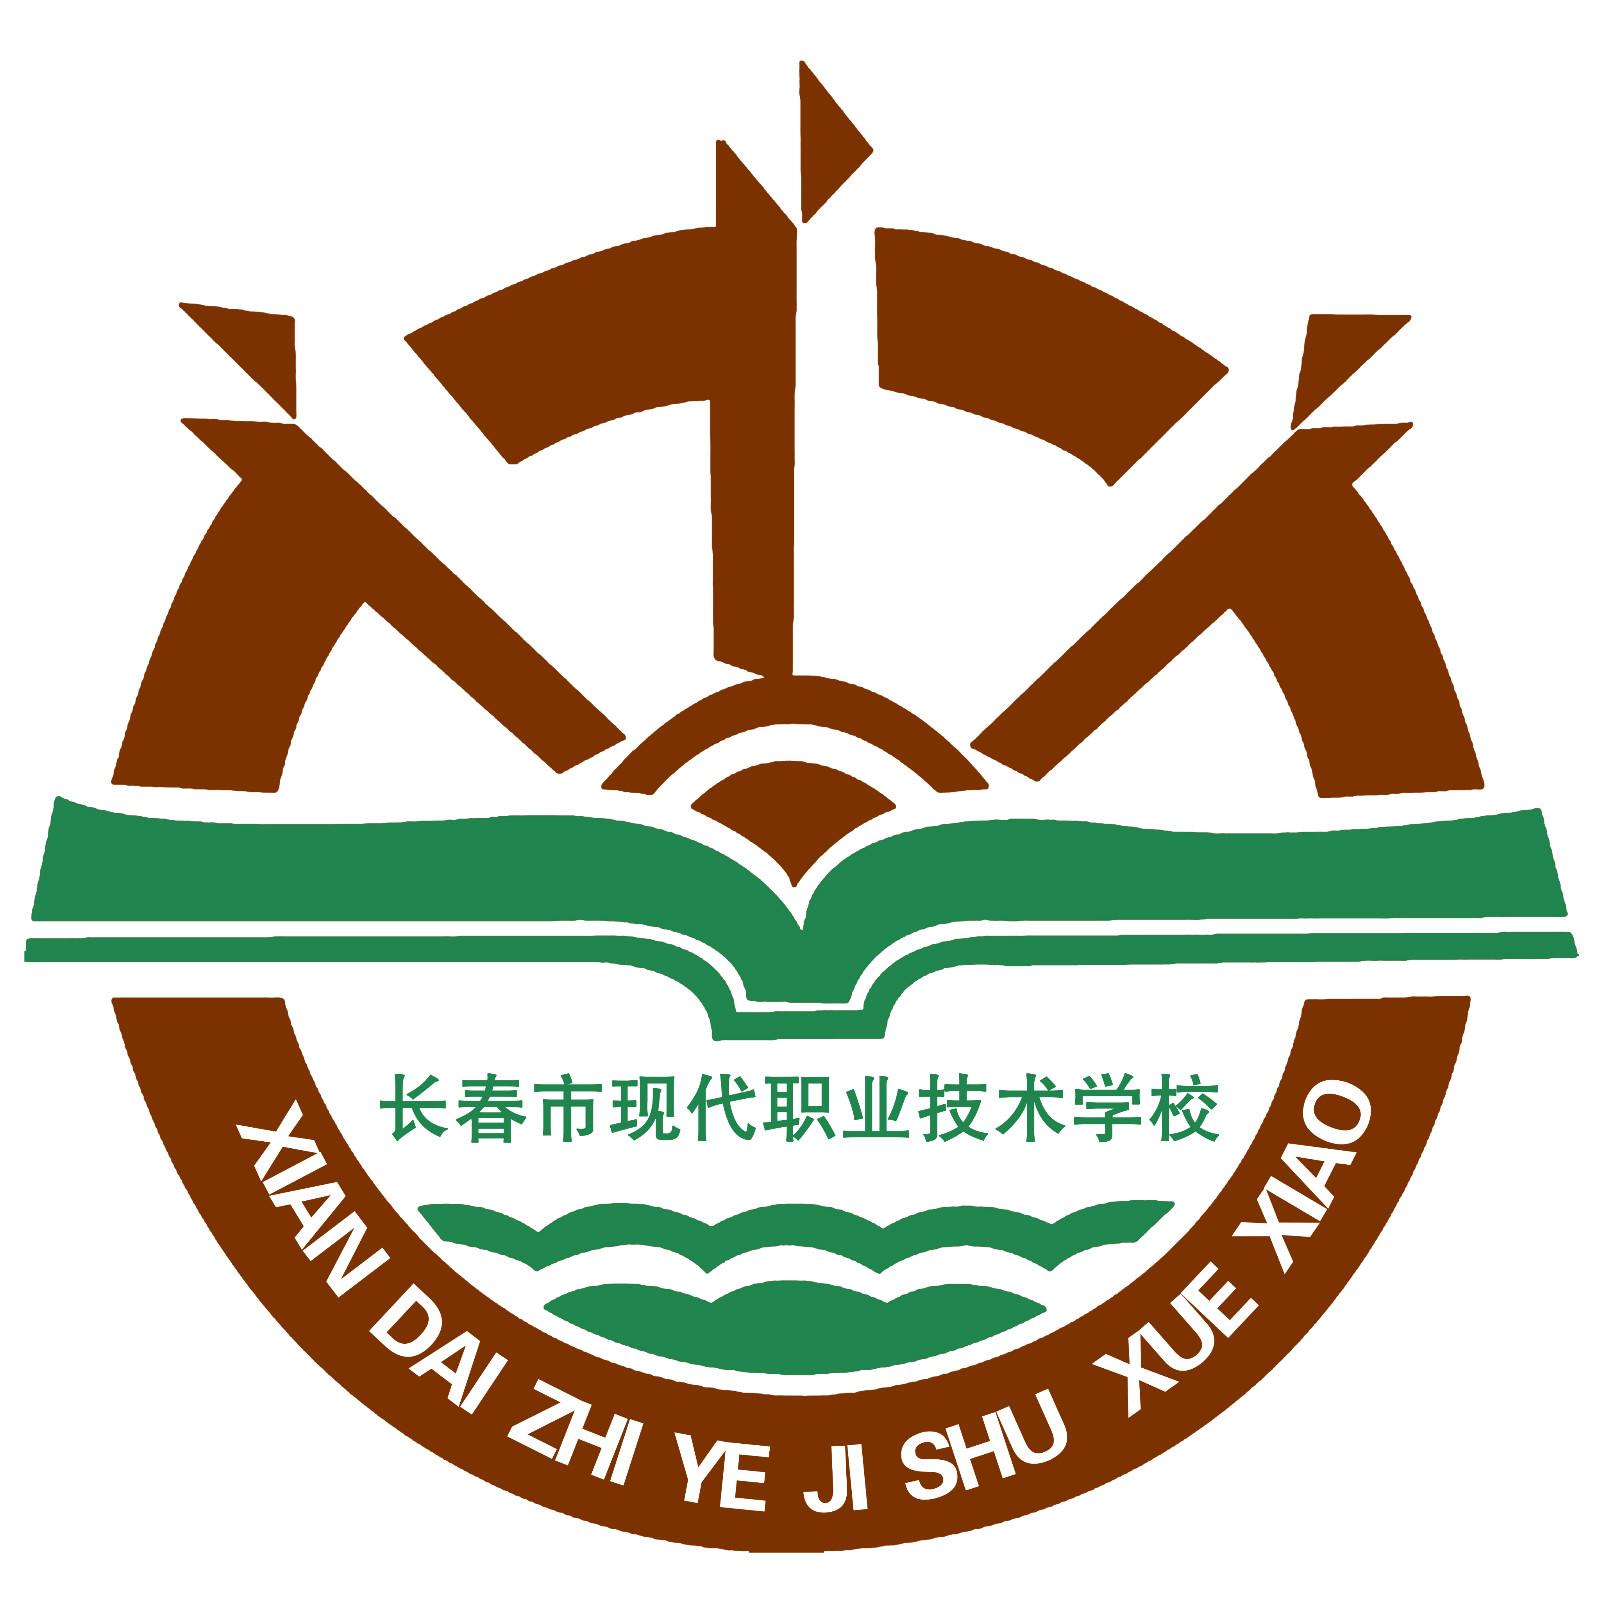 长春市现代职业技术学校